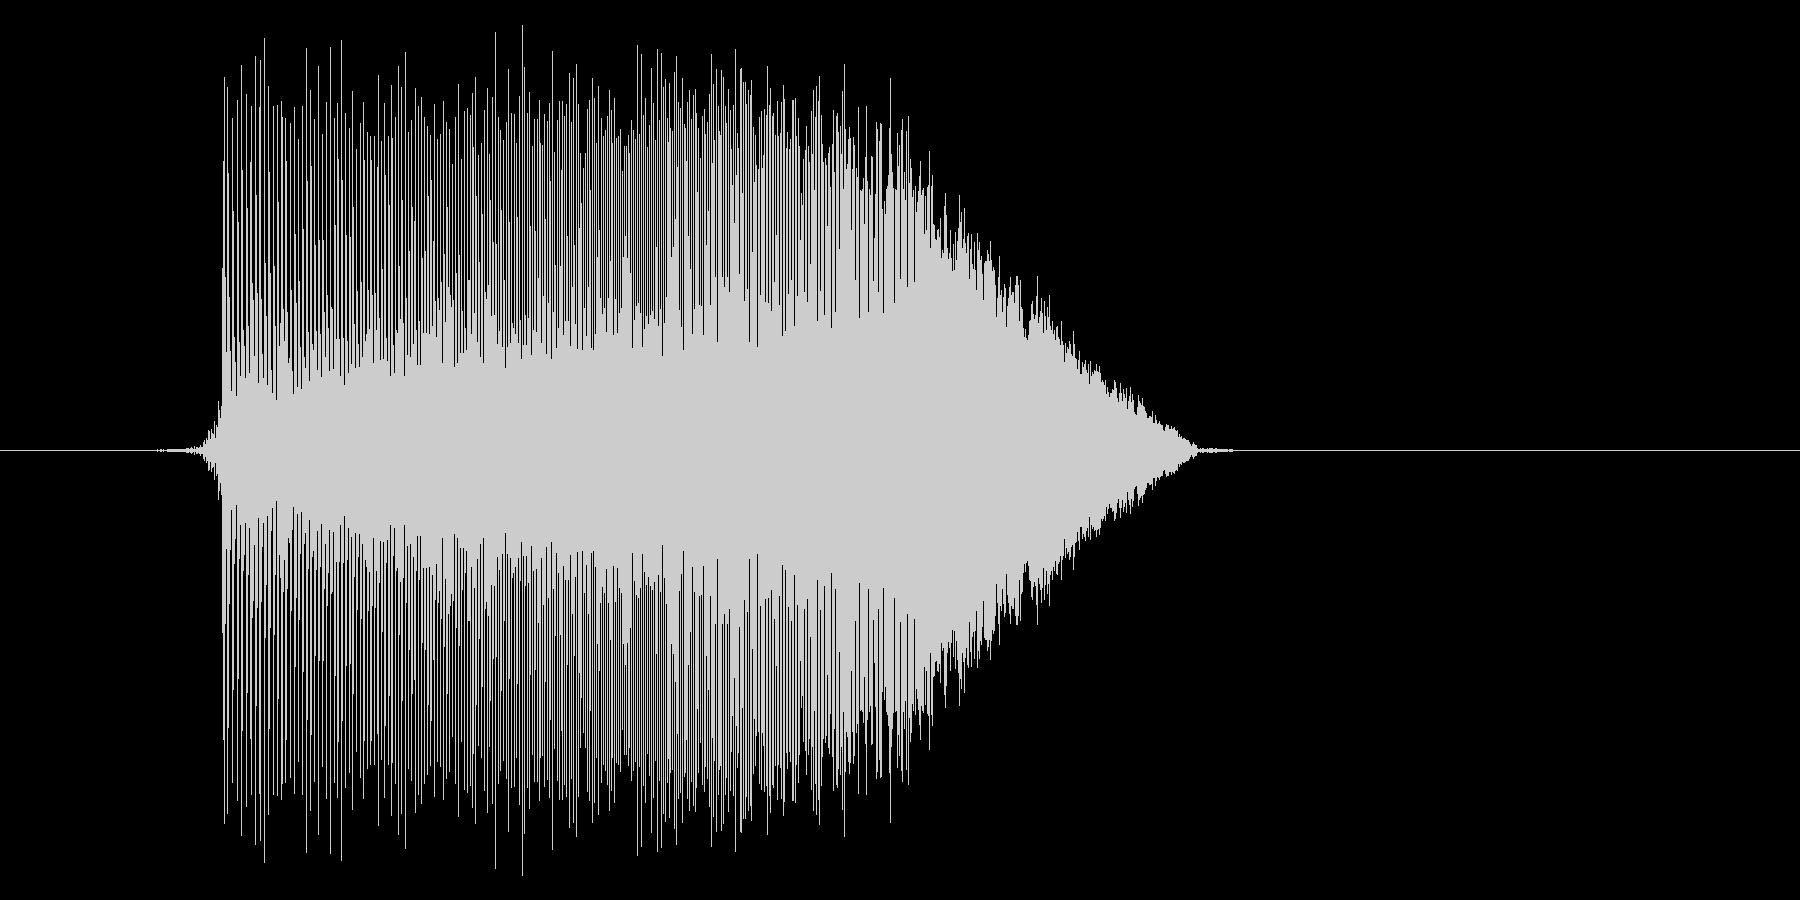 ゲーム(ファミコン風)ジャンプ音_009の未再生の波形